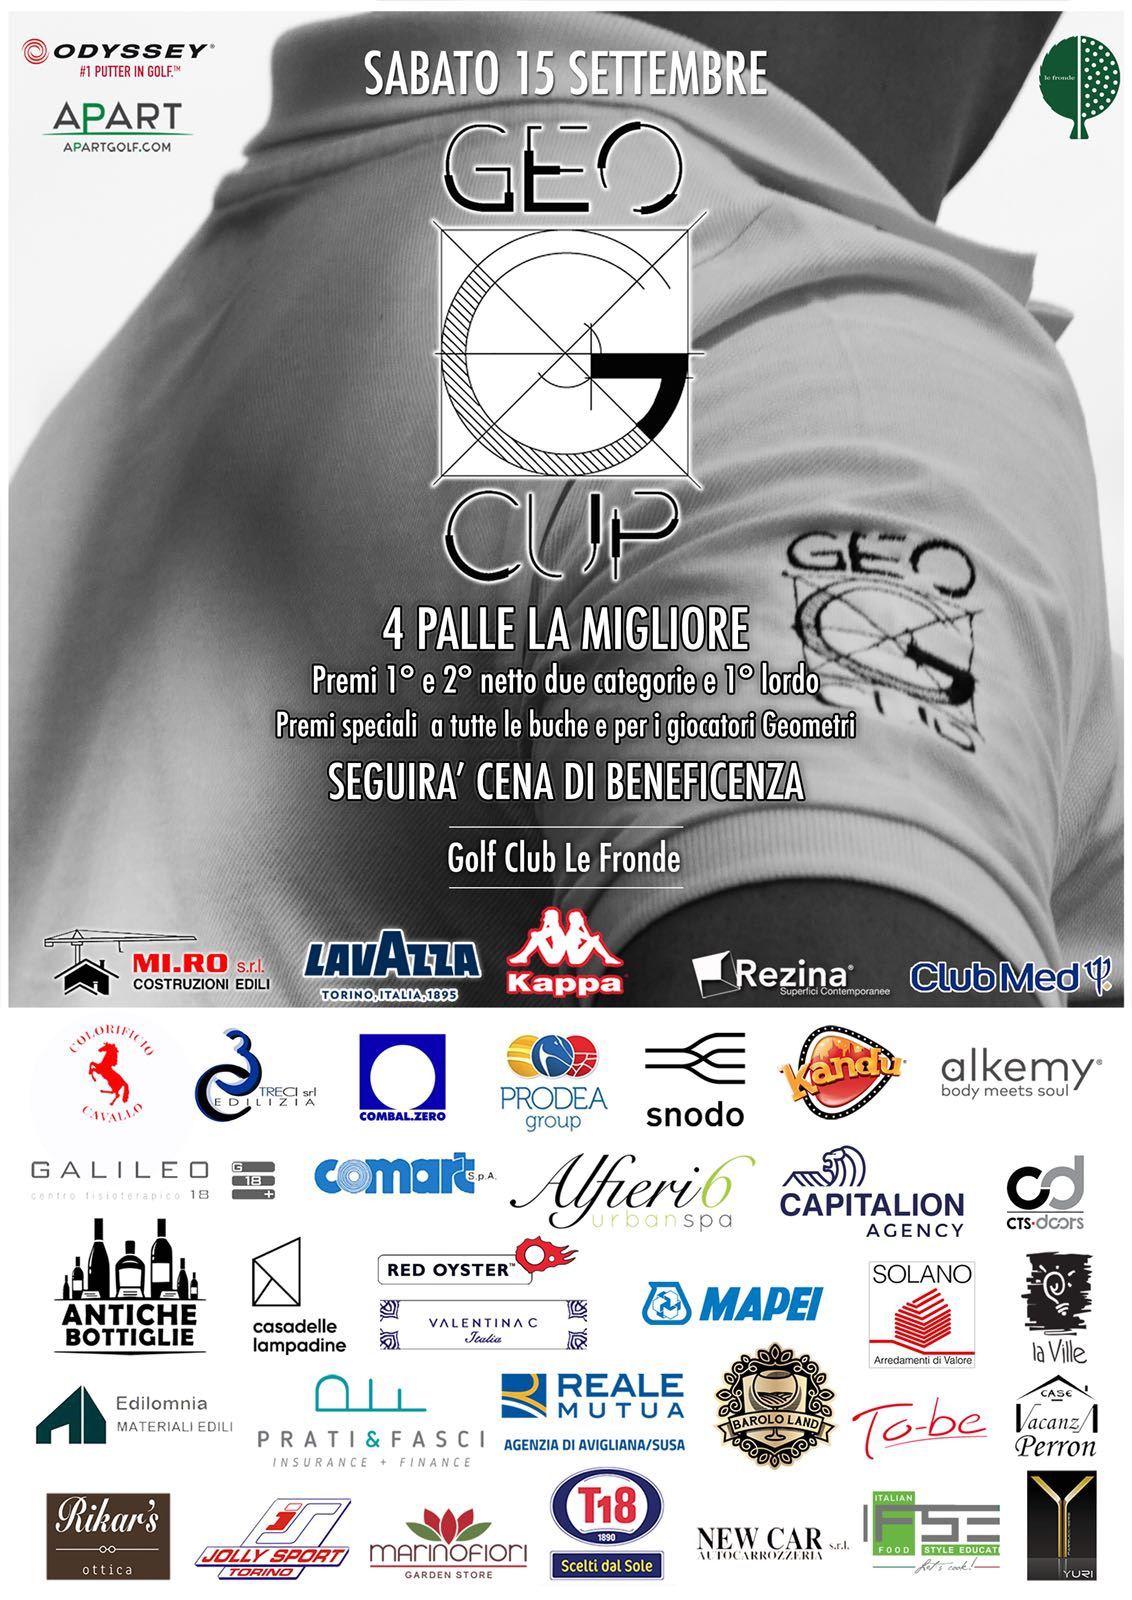 Sabato 15 settembre appuntamento con la Geocup, la competizione benefica con Valentina C protagonista tra gli sponsor